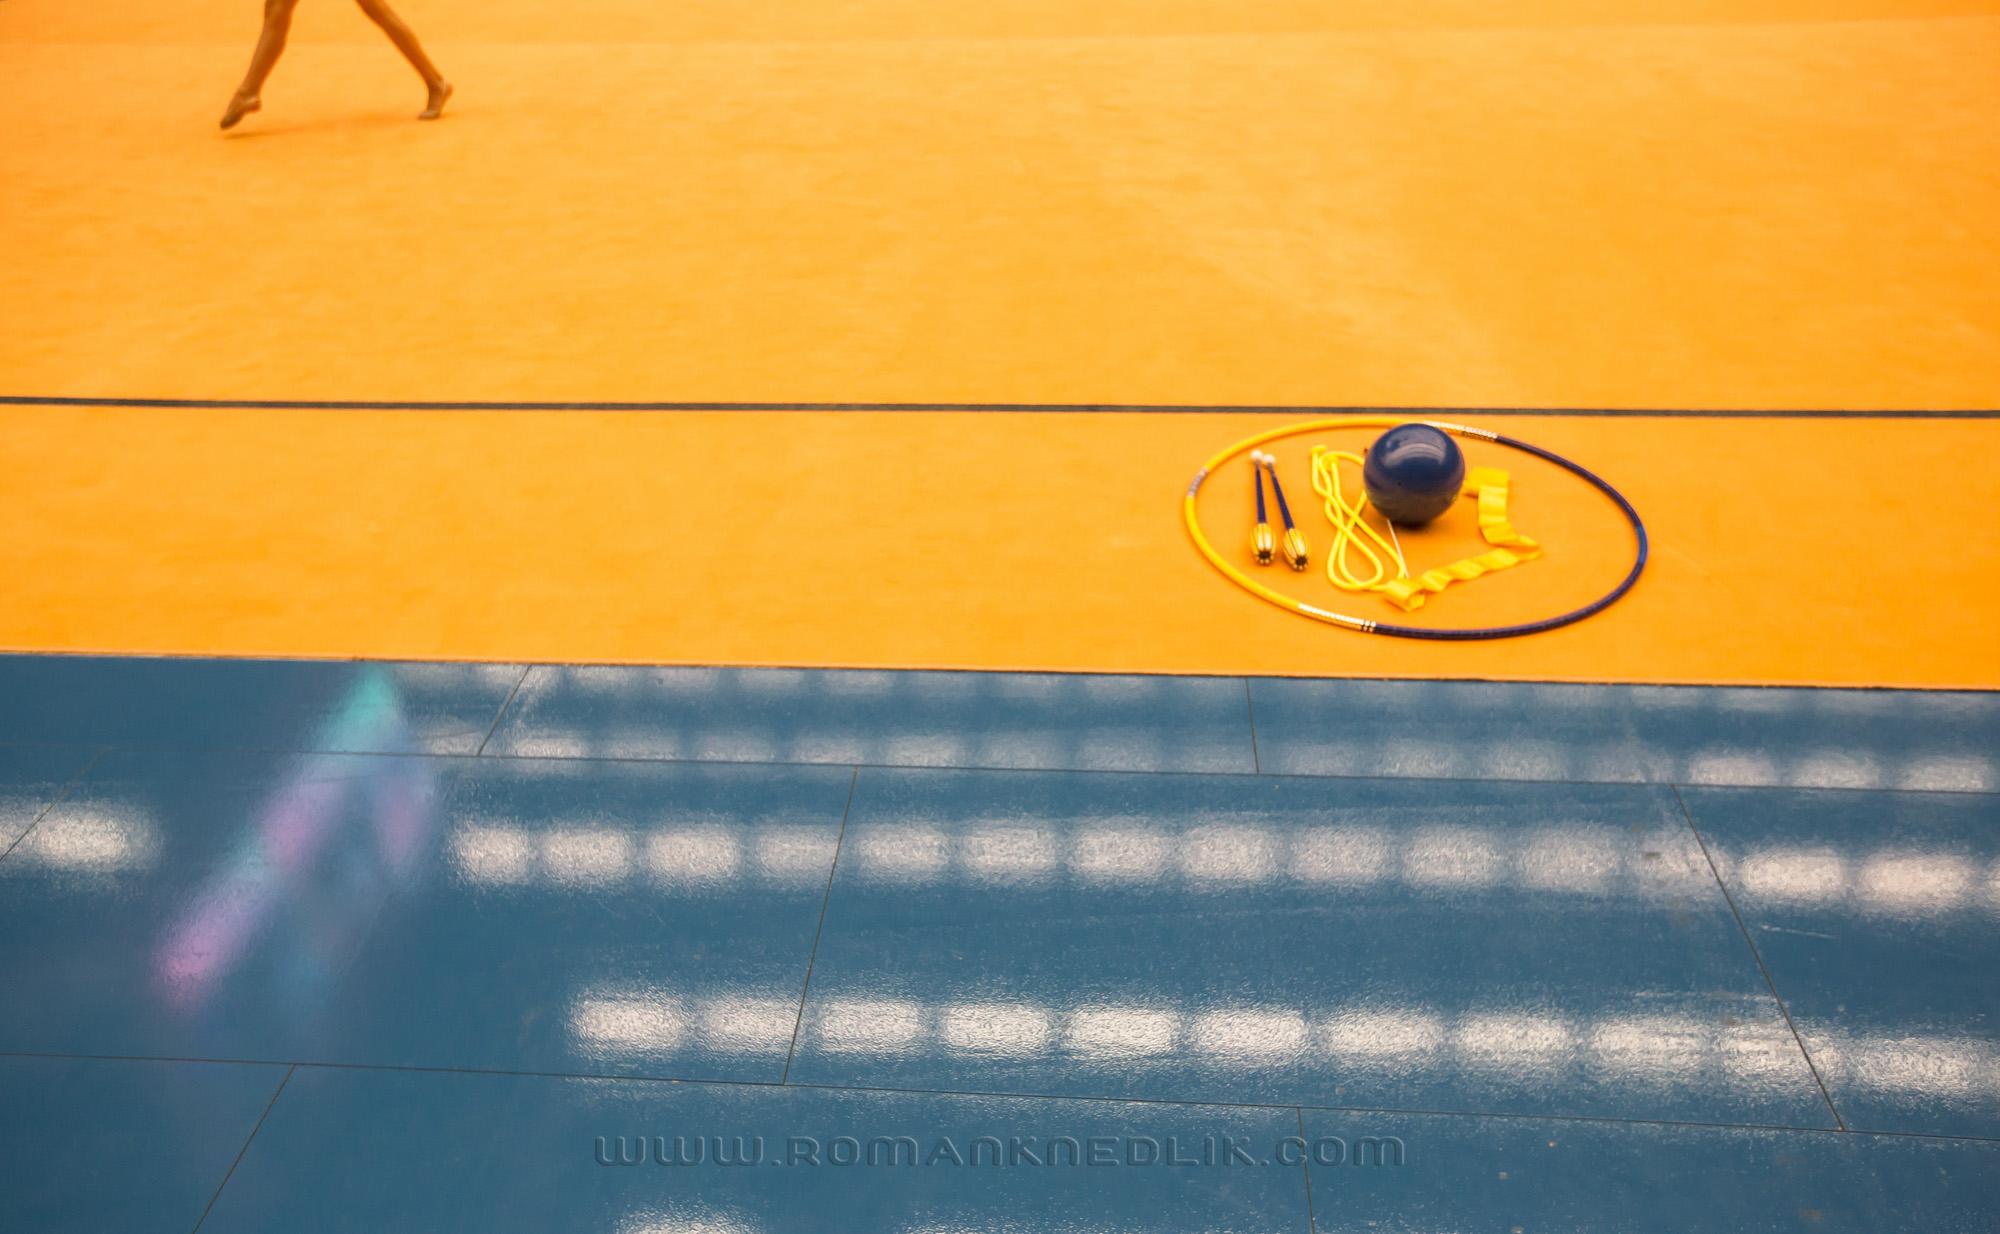 Carlsbad_RG_Cup-6